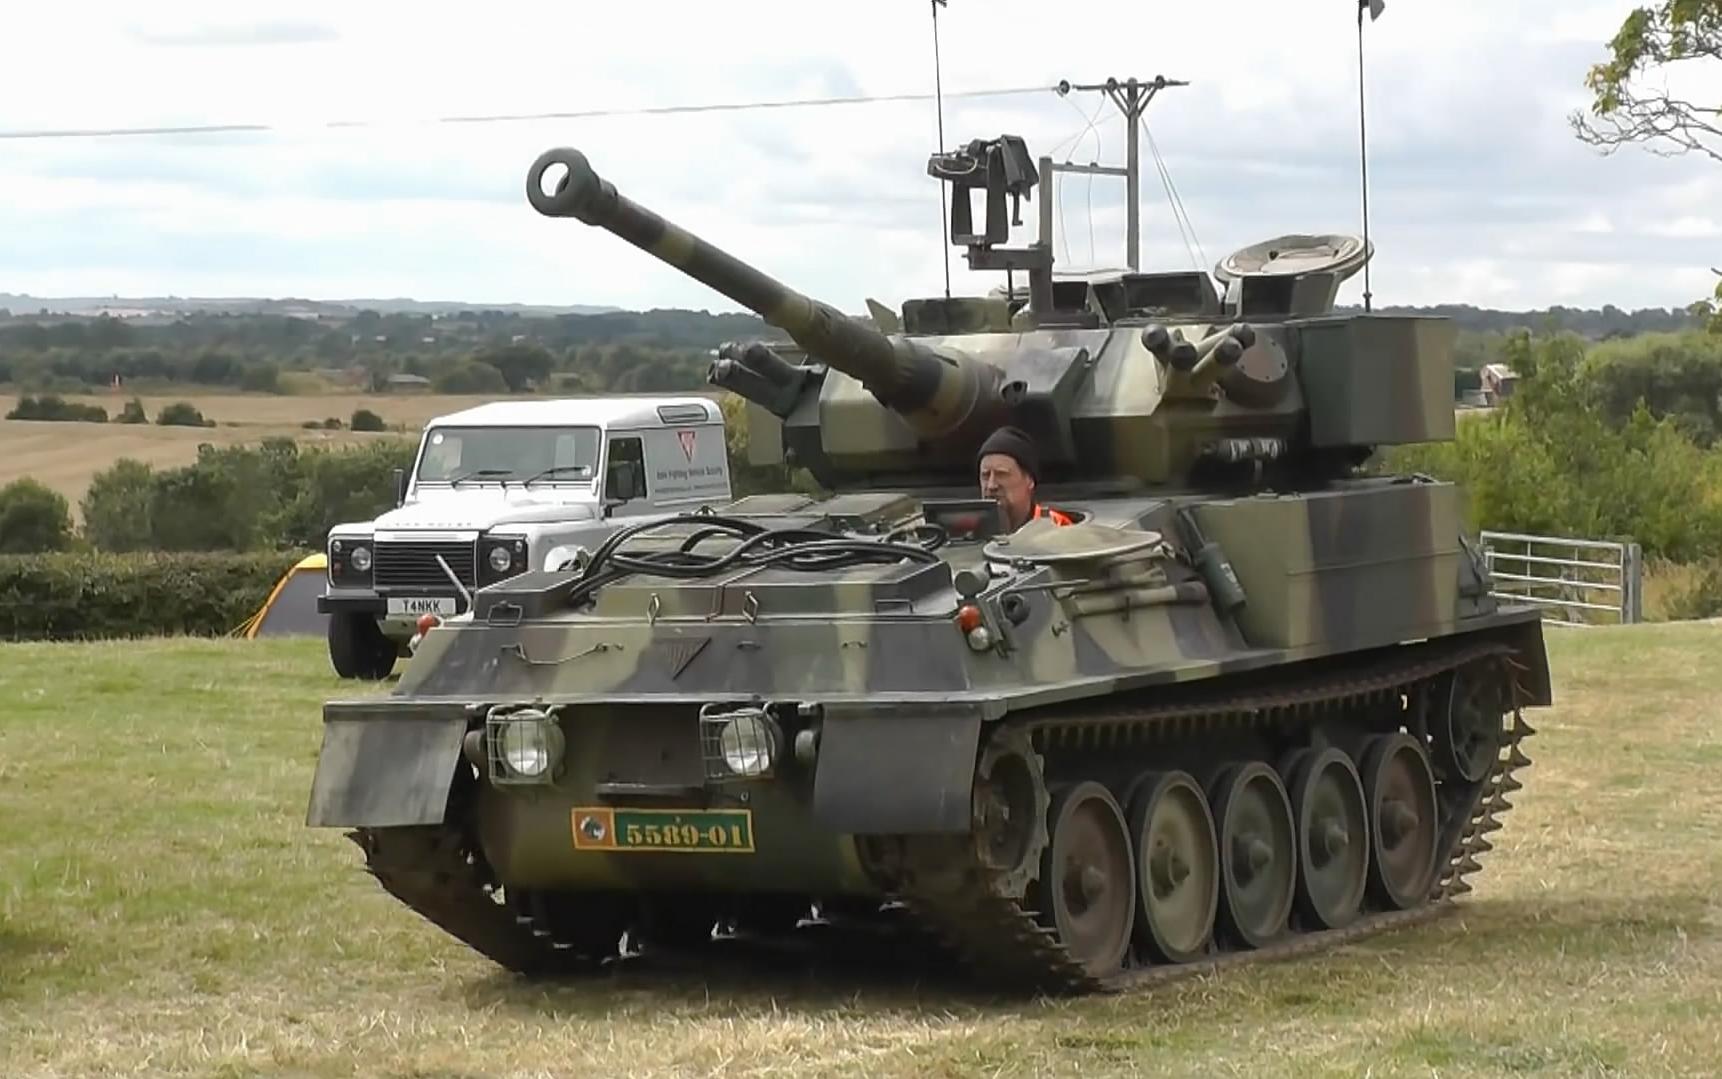 22fvvom_【fv101 cvrt scorpion】英国蝎式轻型侦察坦克